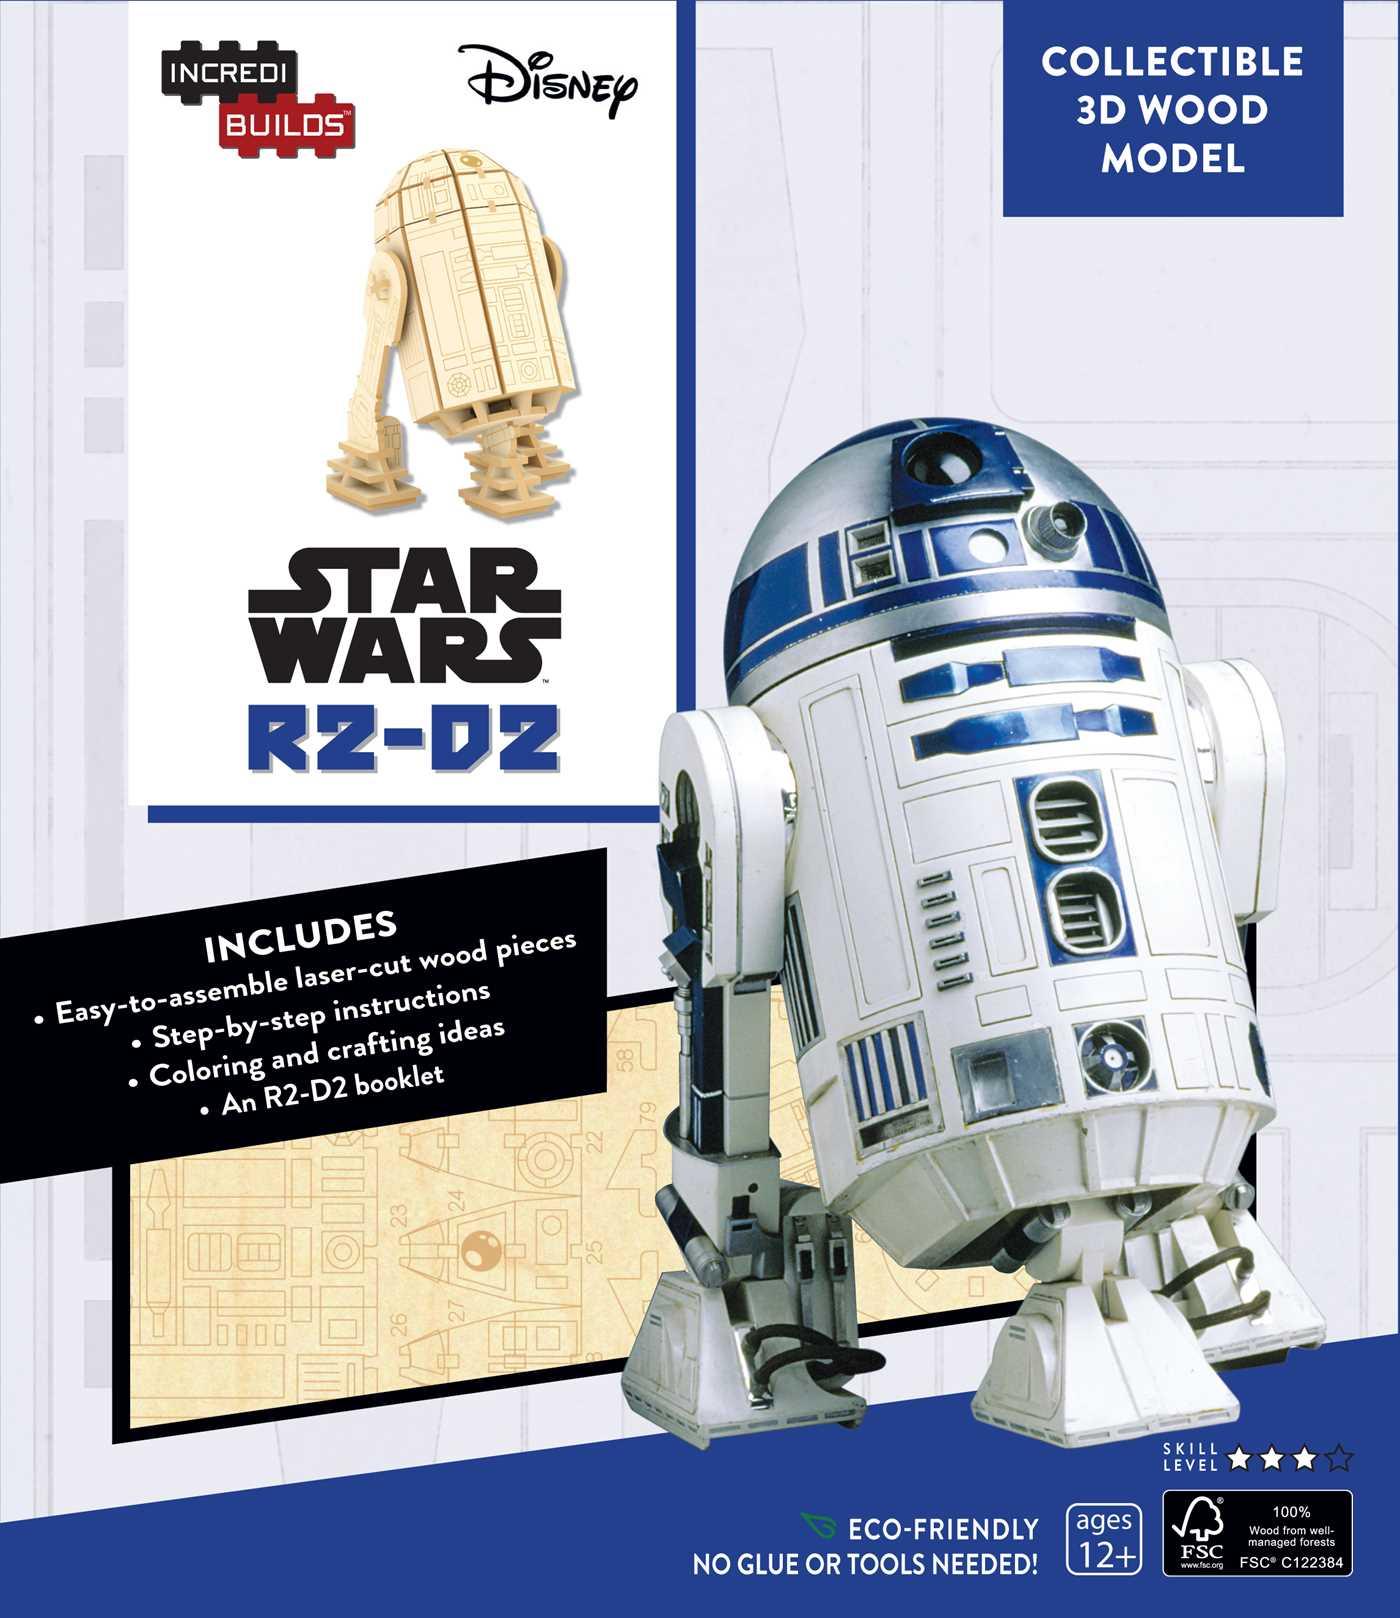 Incredibuilds star wars r2 d2 3d wood model 9781682980279 hr